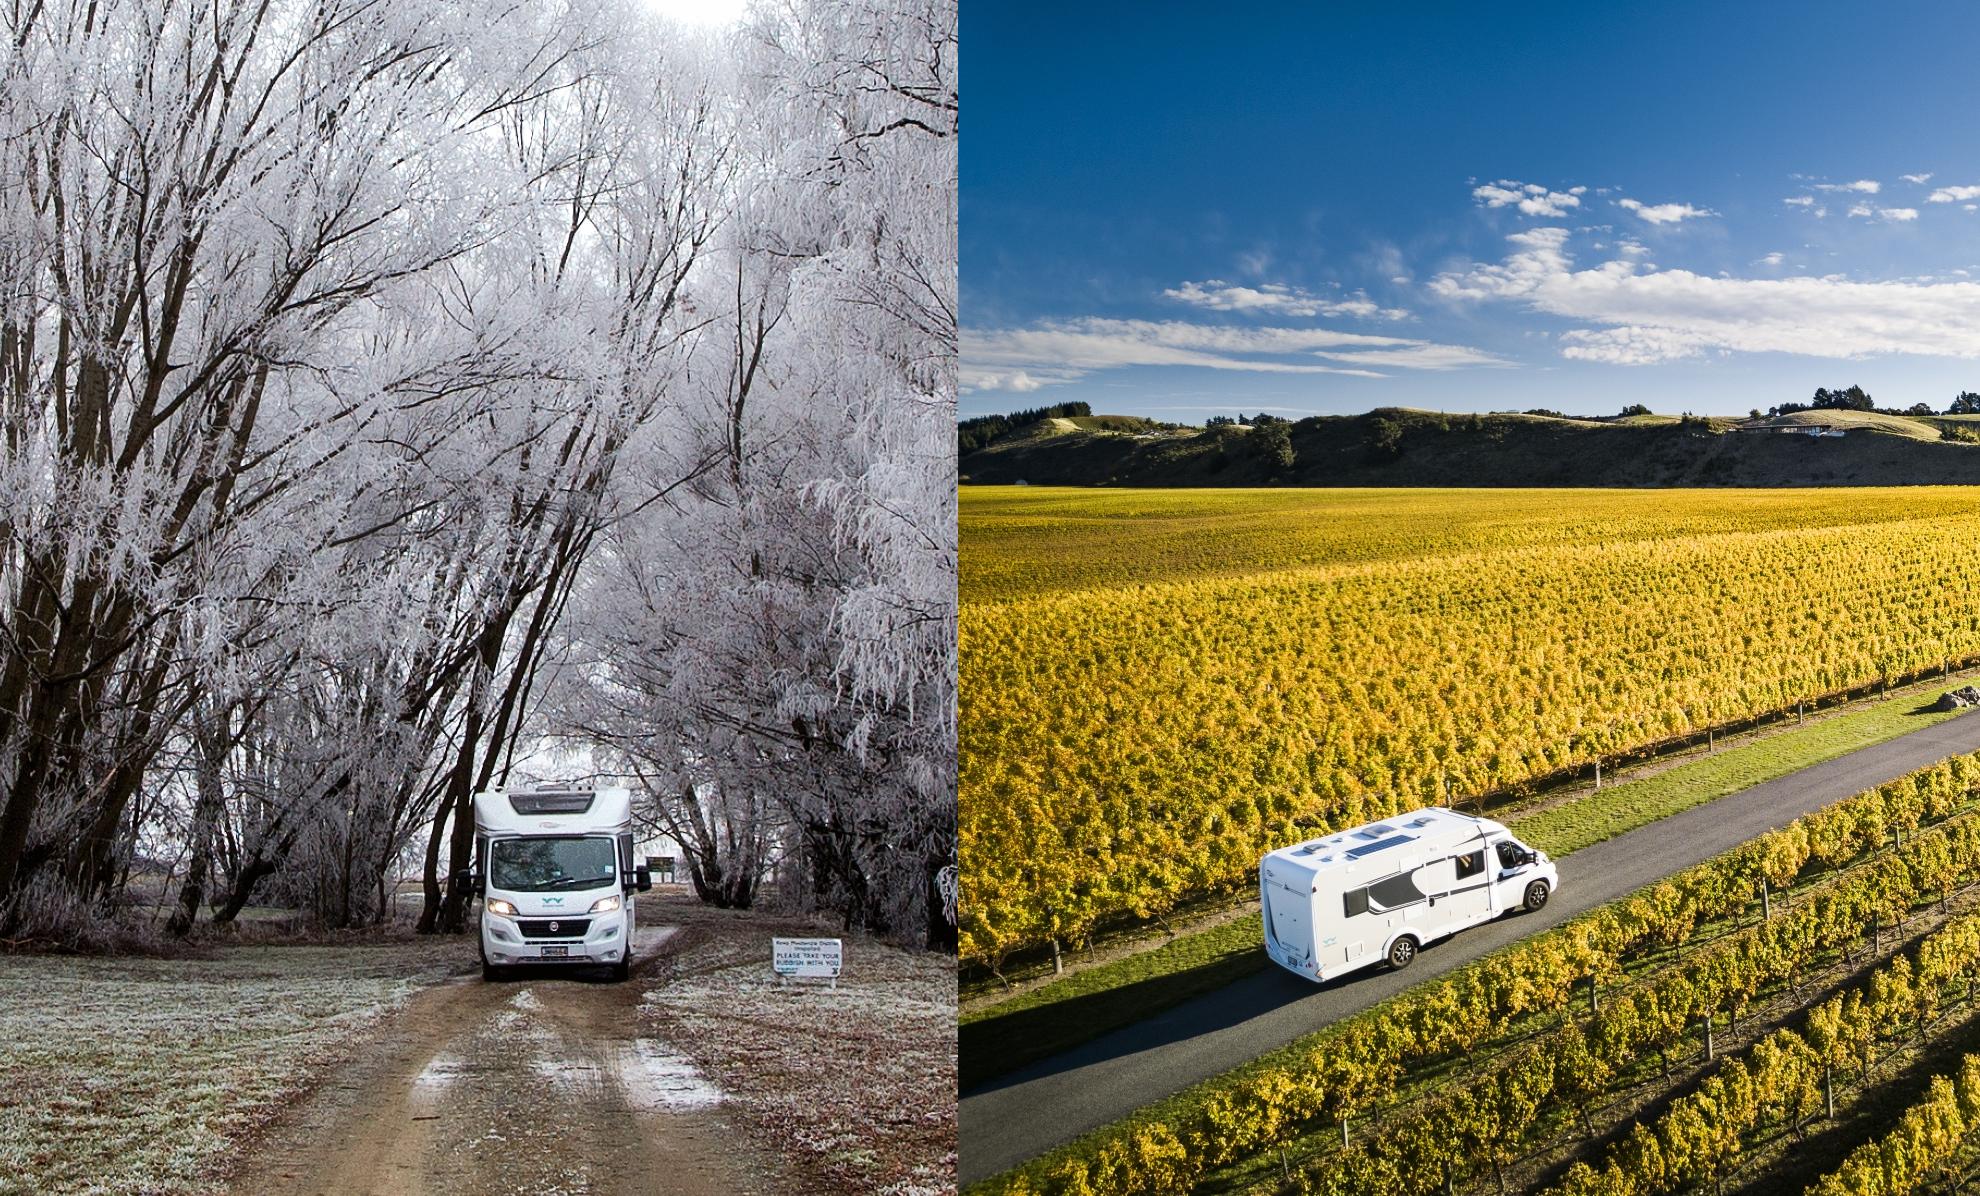 motorhoming in versus high season